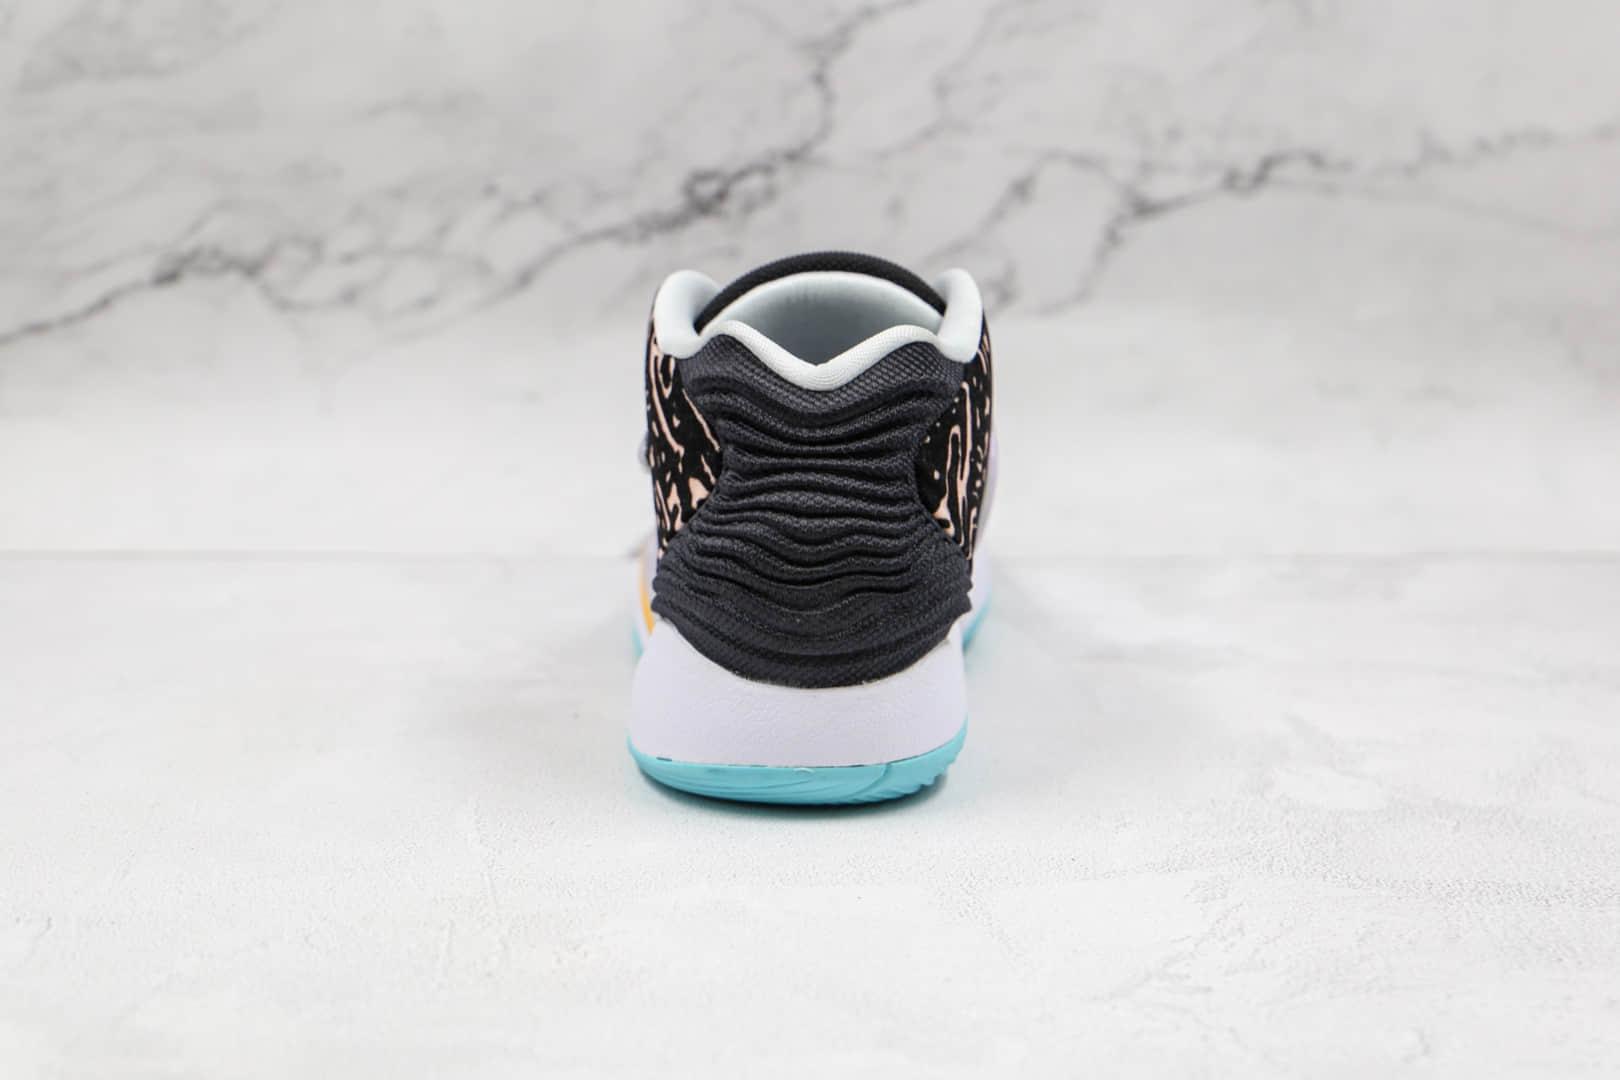 耐克Nike Zoom KD 14纯原版本杜兰特14代国内版黑白色篮球鞋内置气垫支持实战 货号:CW3935-001